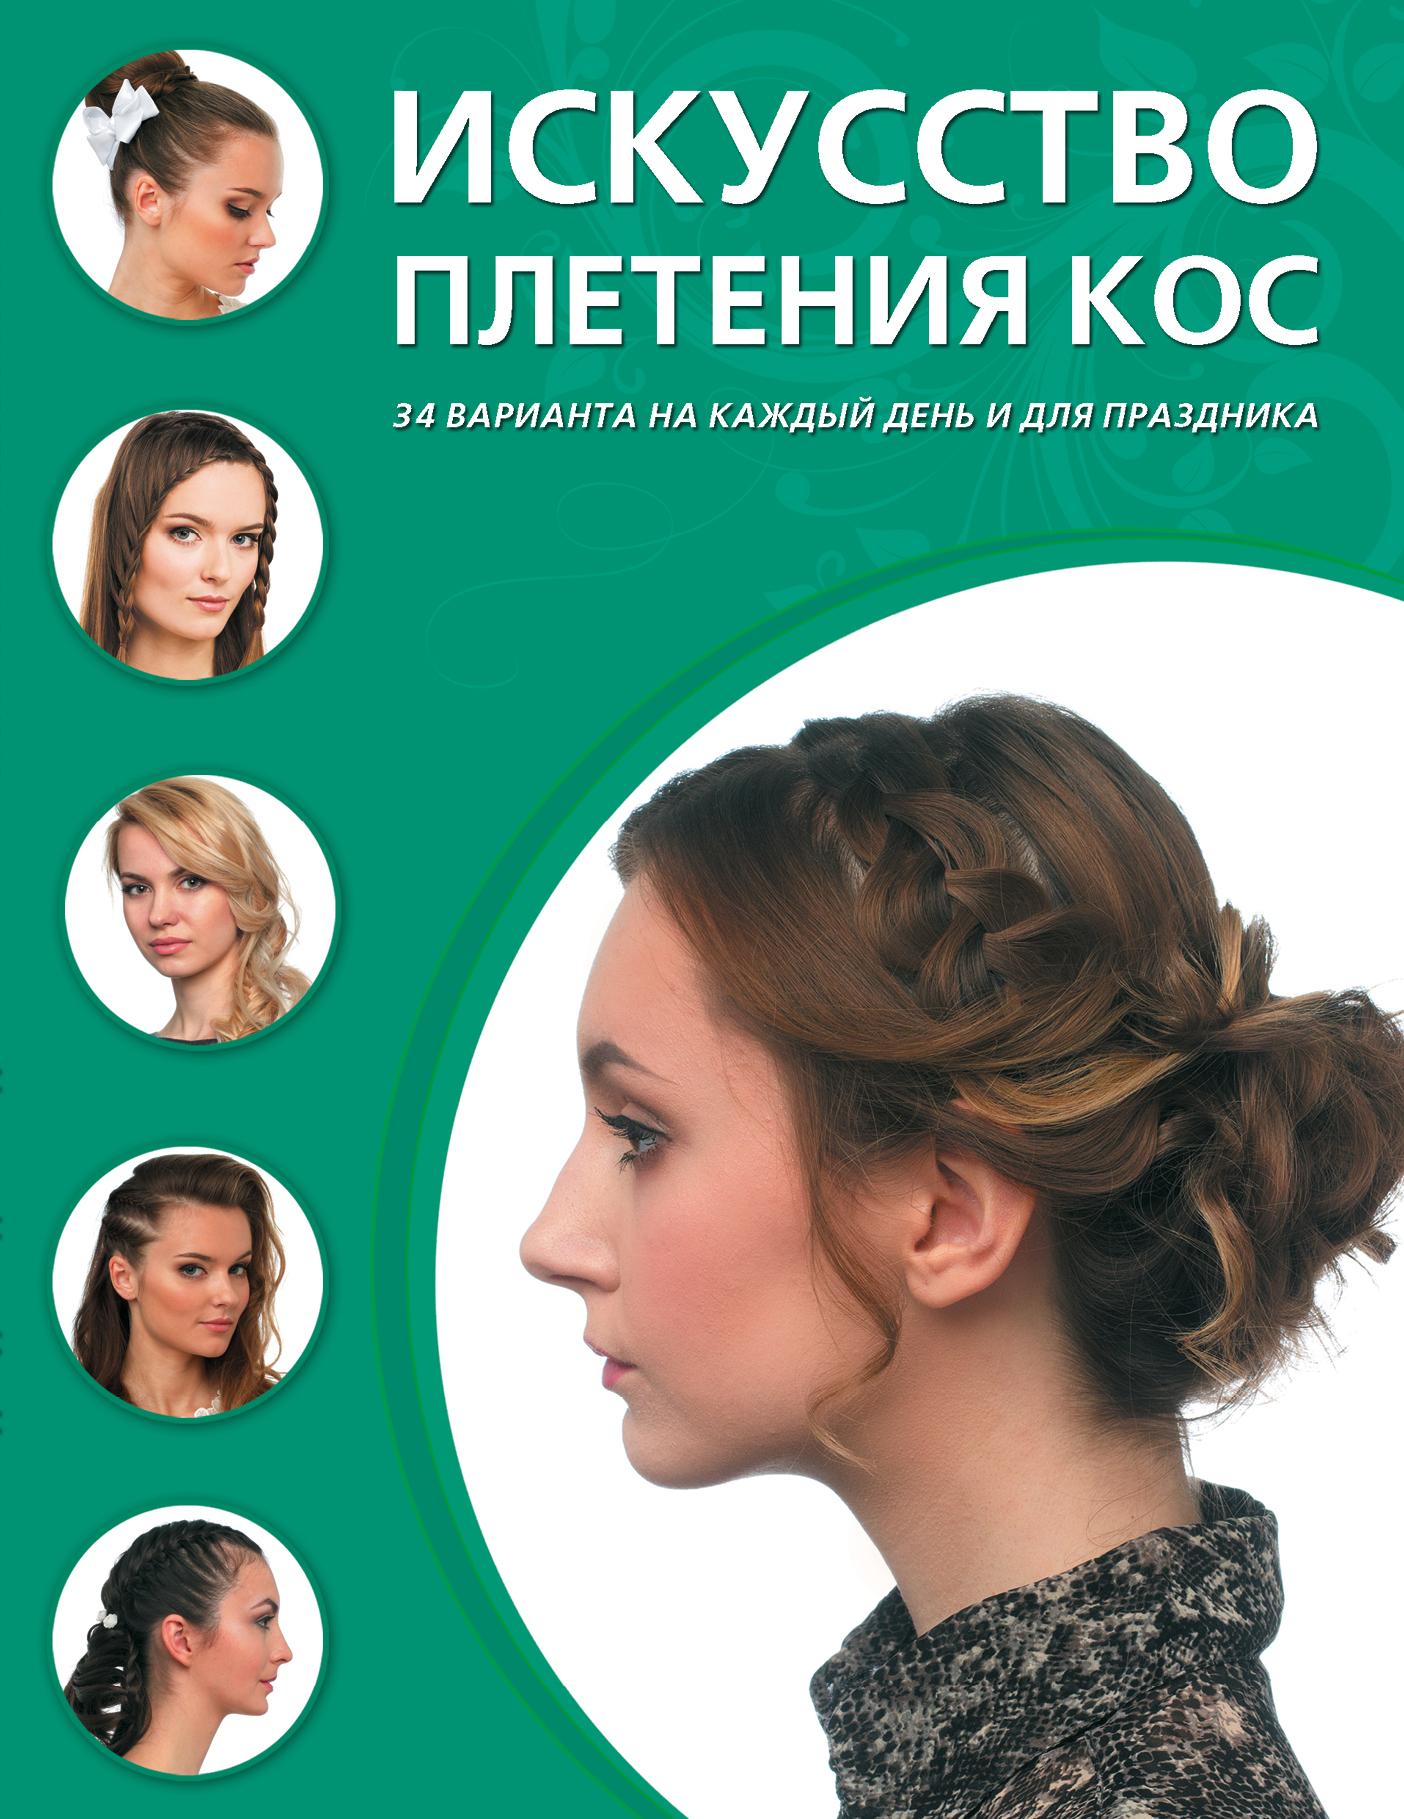 Искусство плетения кос ISBN: 978-5-699-80613-3 бейли д джонс дж искусство плетения кос page 4